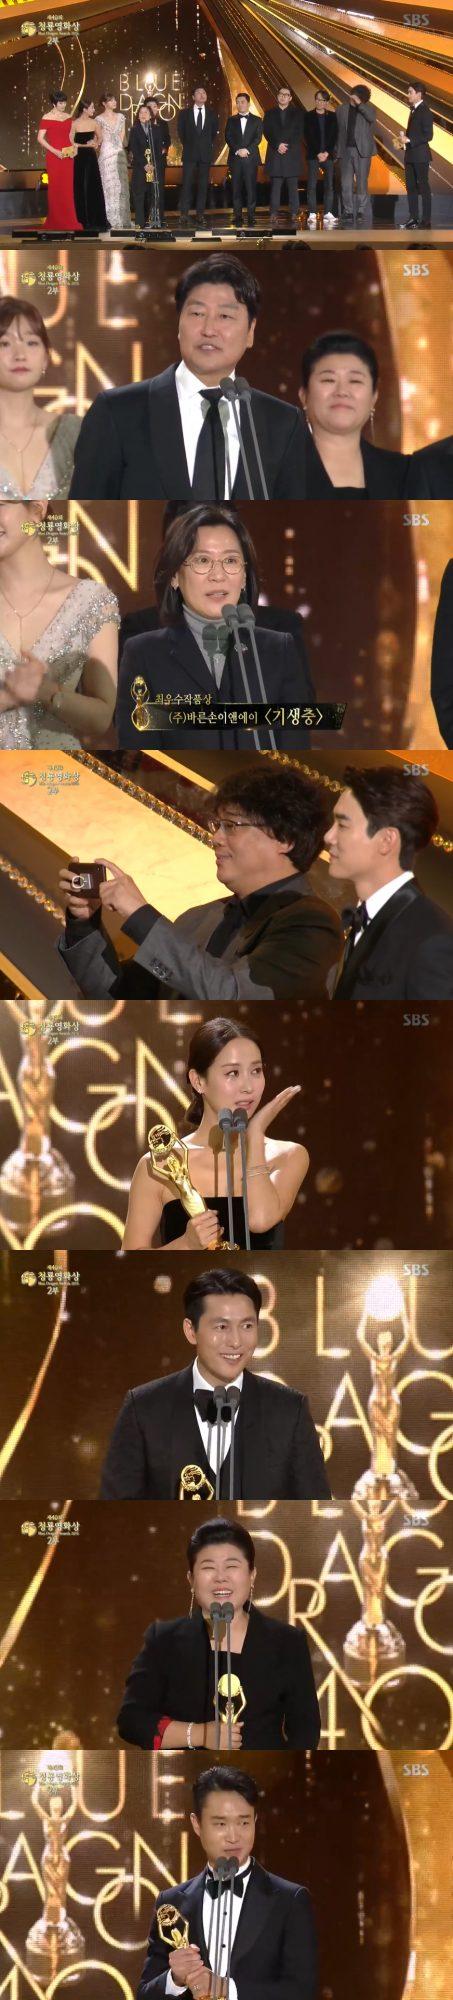 사진=제40회 청룡영화상 SBS 생중계 영상 캡처